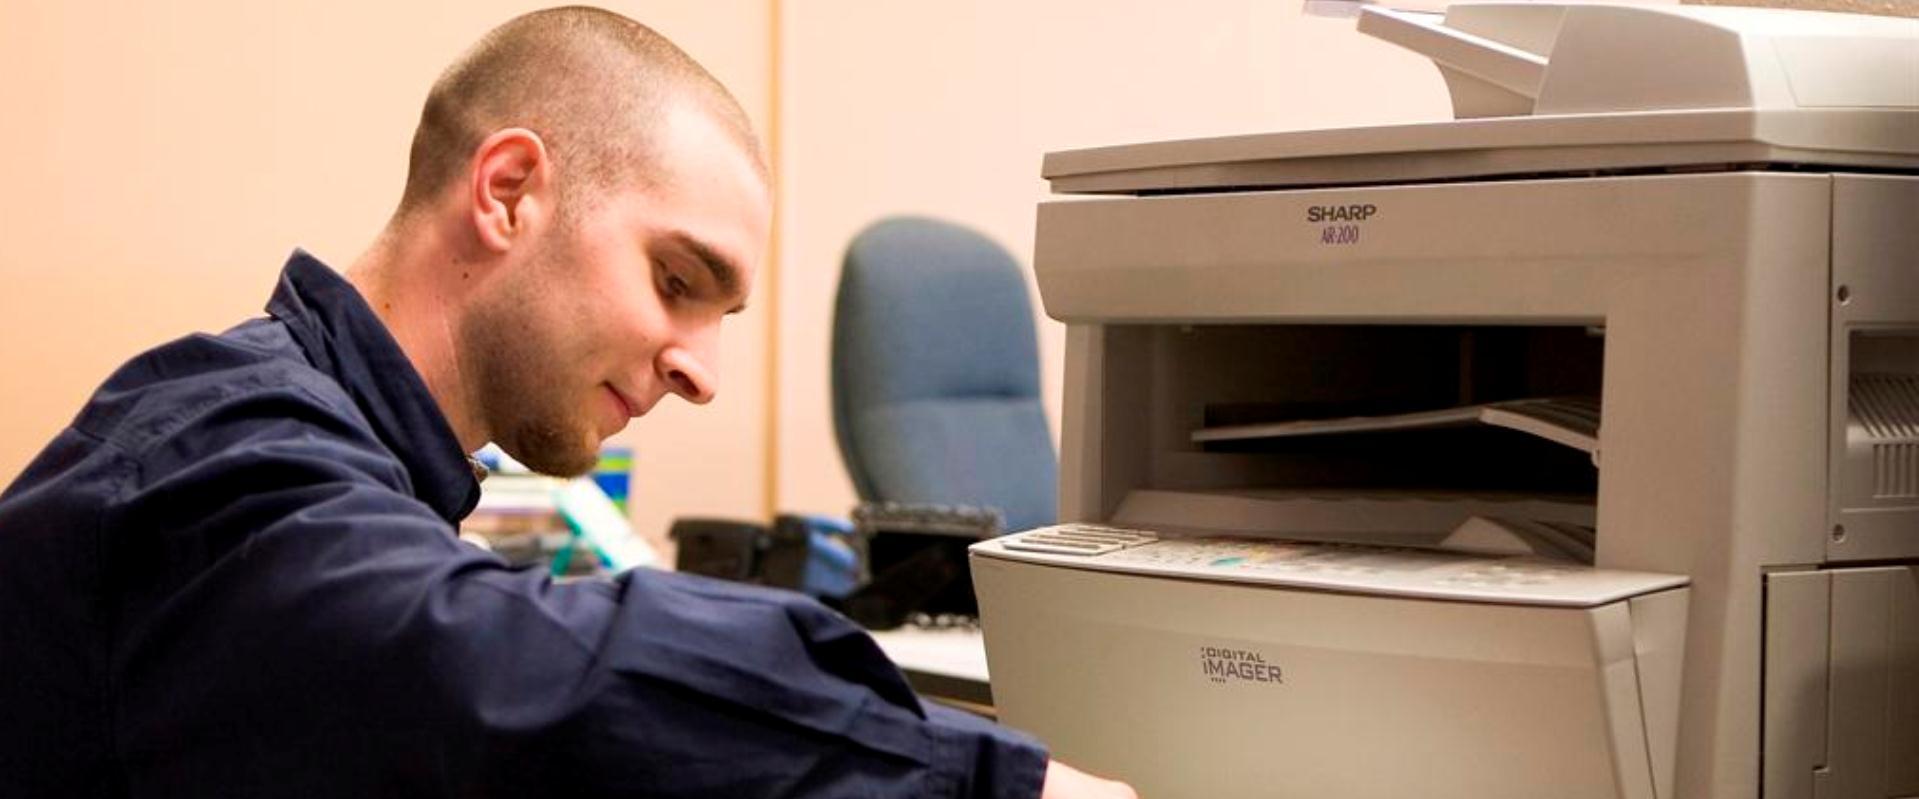 Printer-Tech